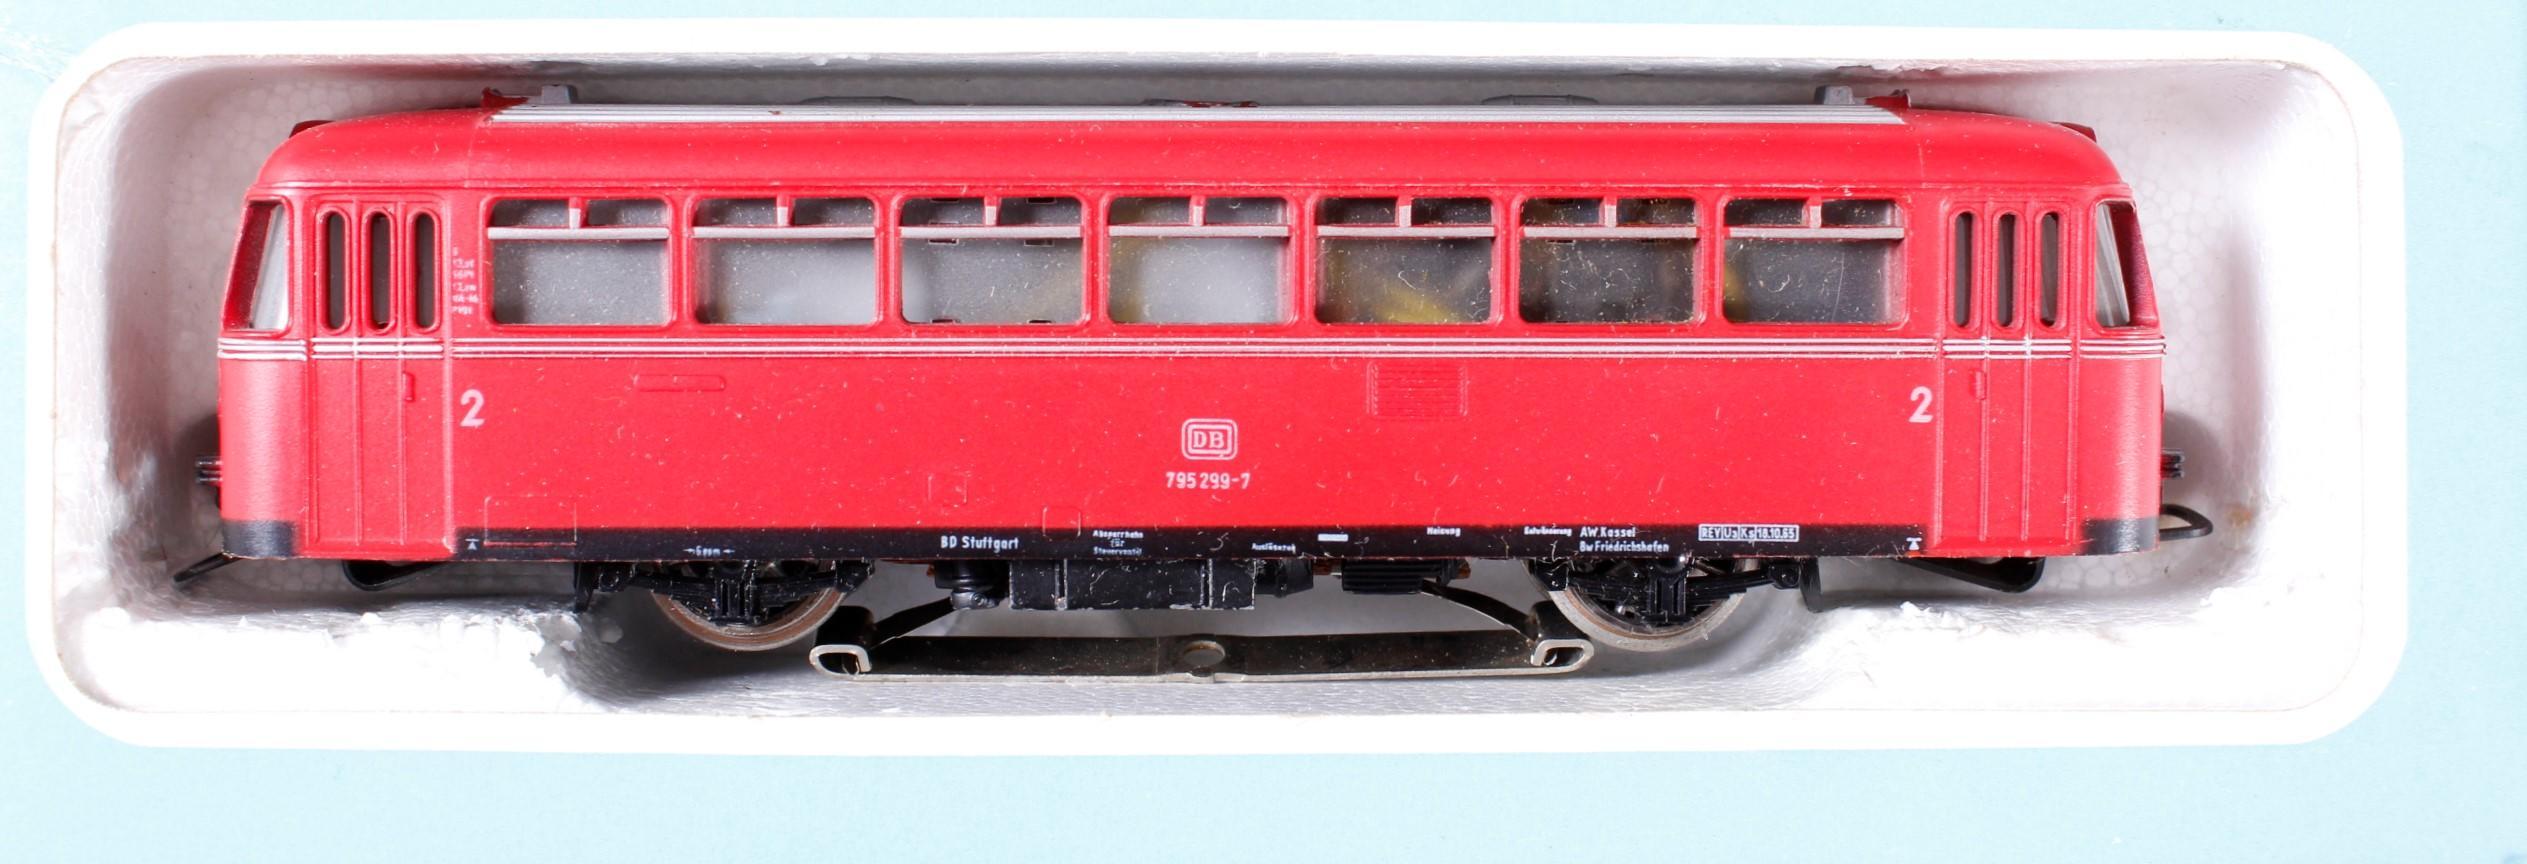 Konvolut Eisenbahn Spur H0-6